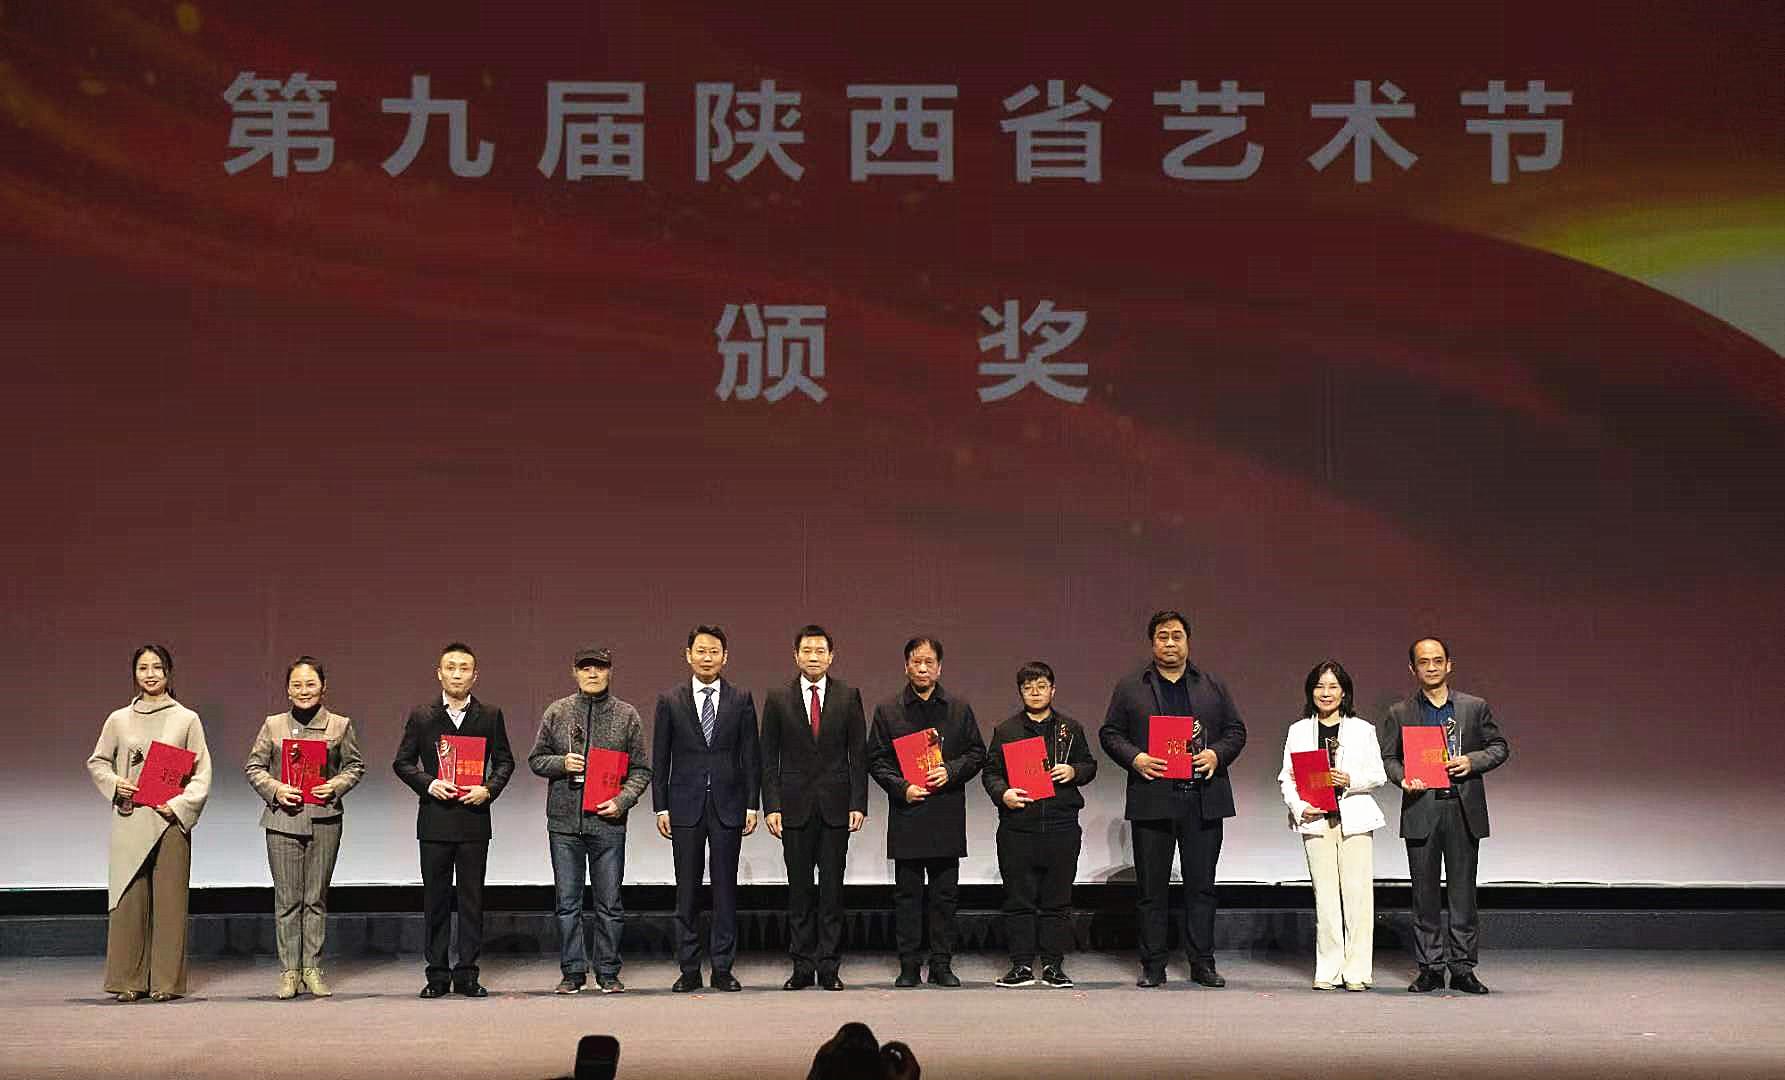 第九届陕西省艺术节圆满落幕